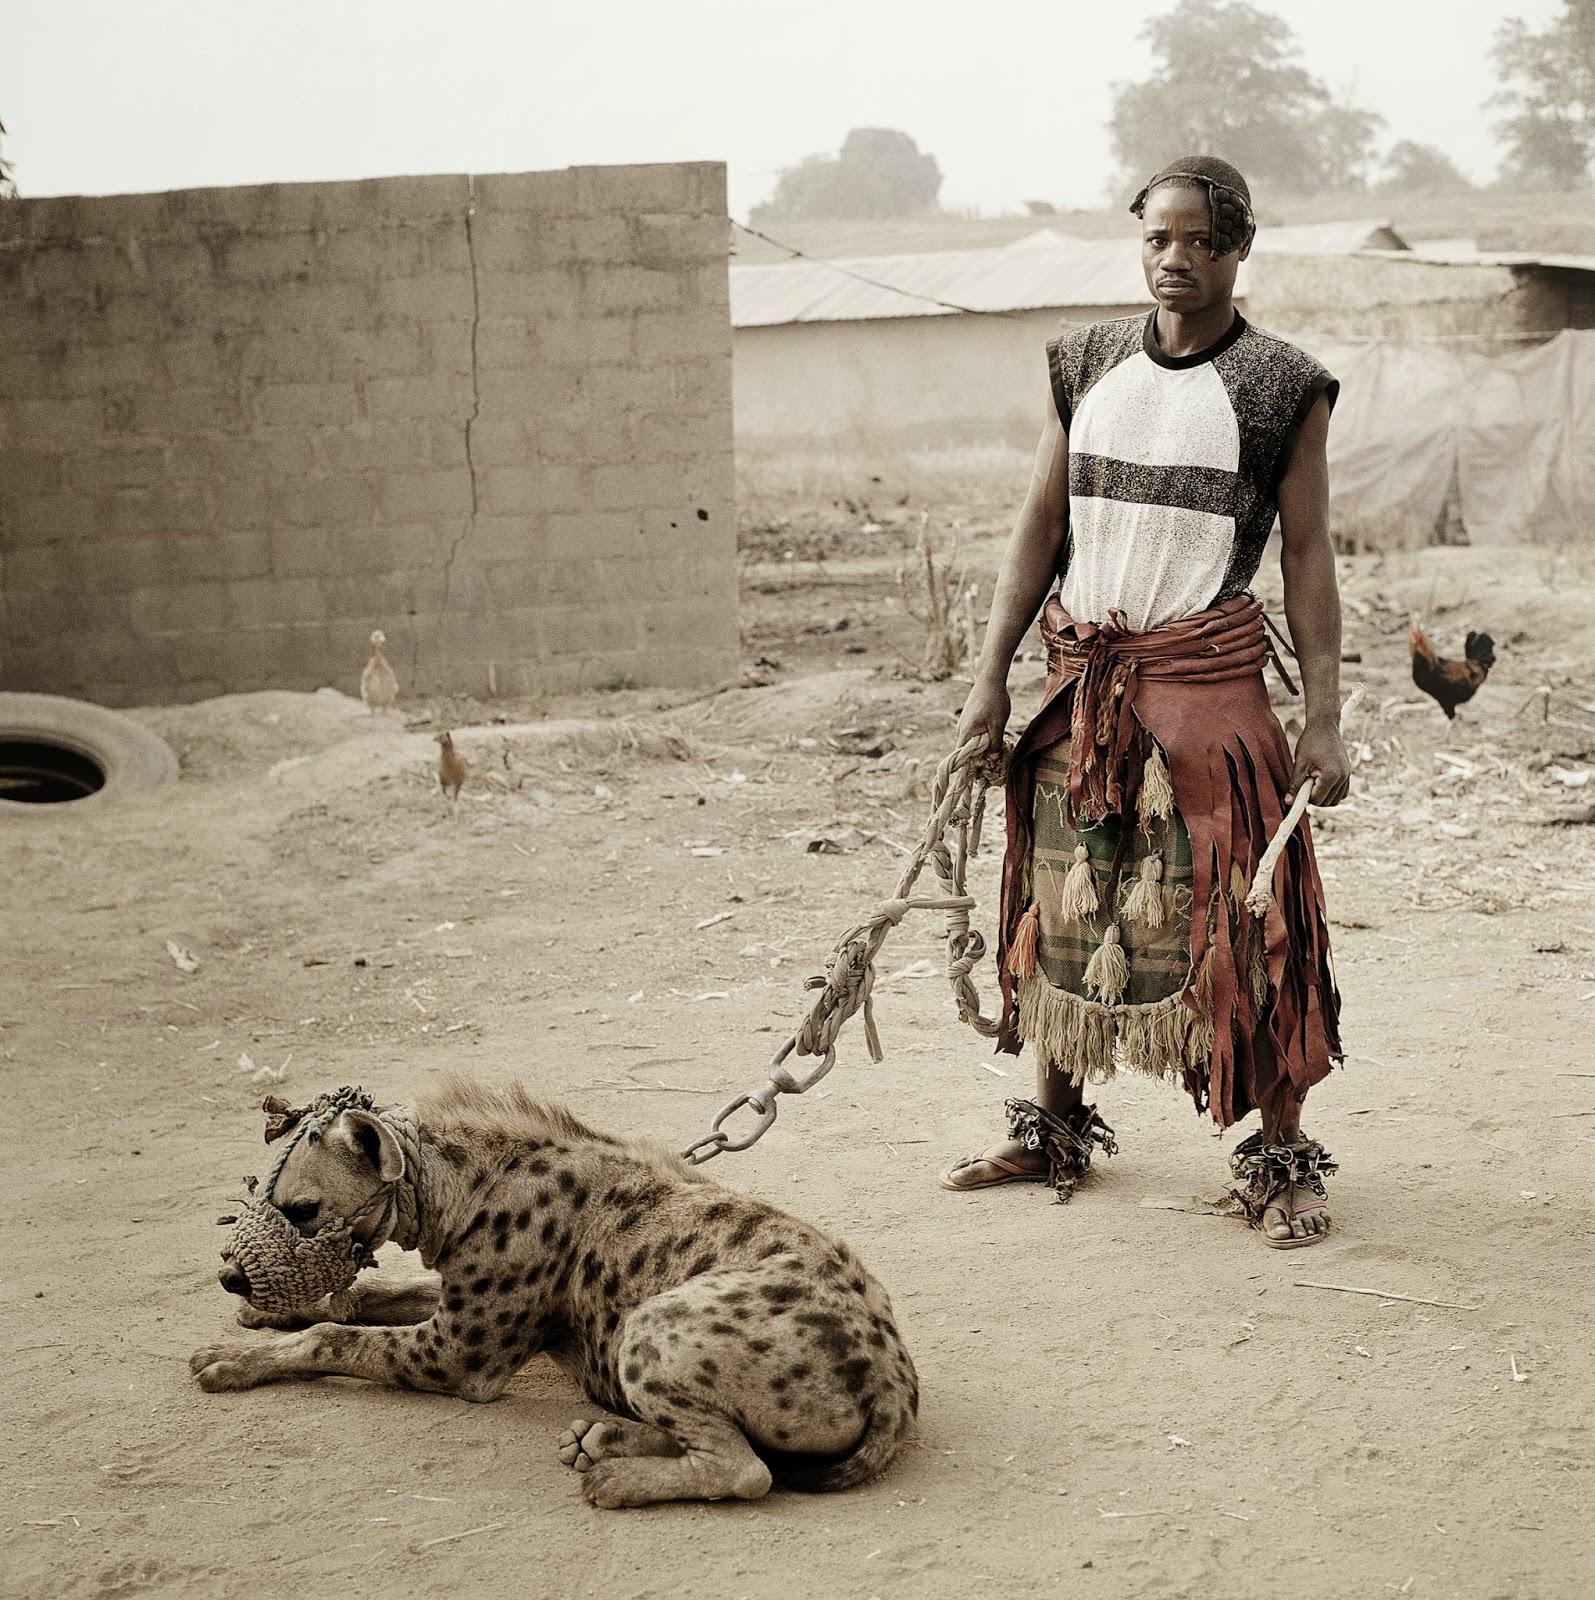 Портретная и документальная фотография Питера Хьюго - 19